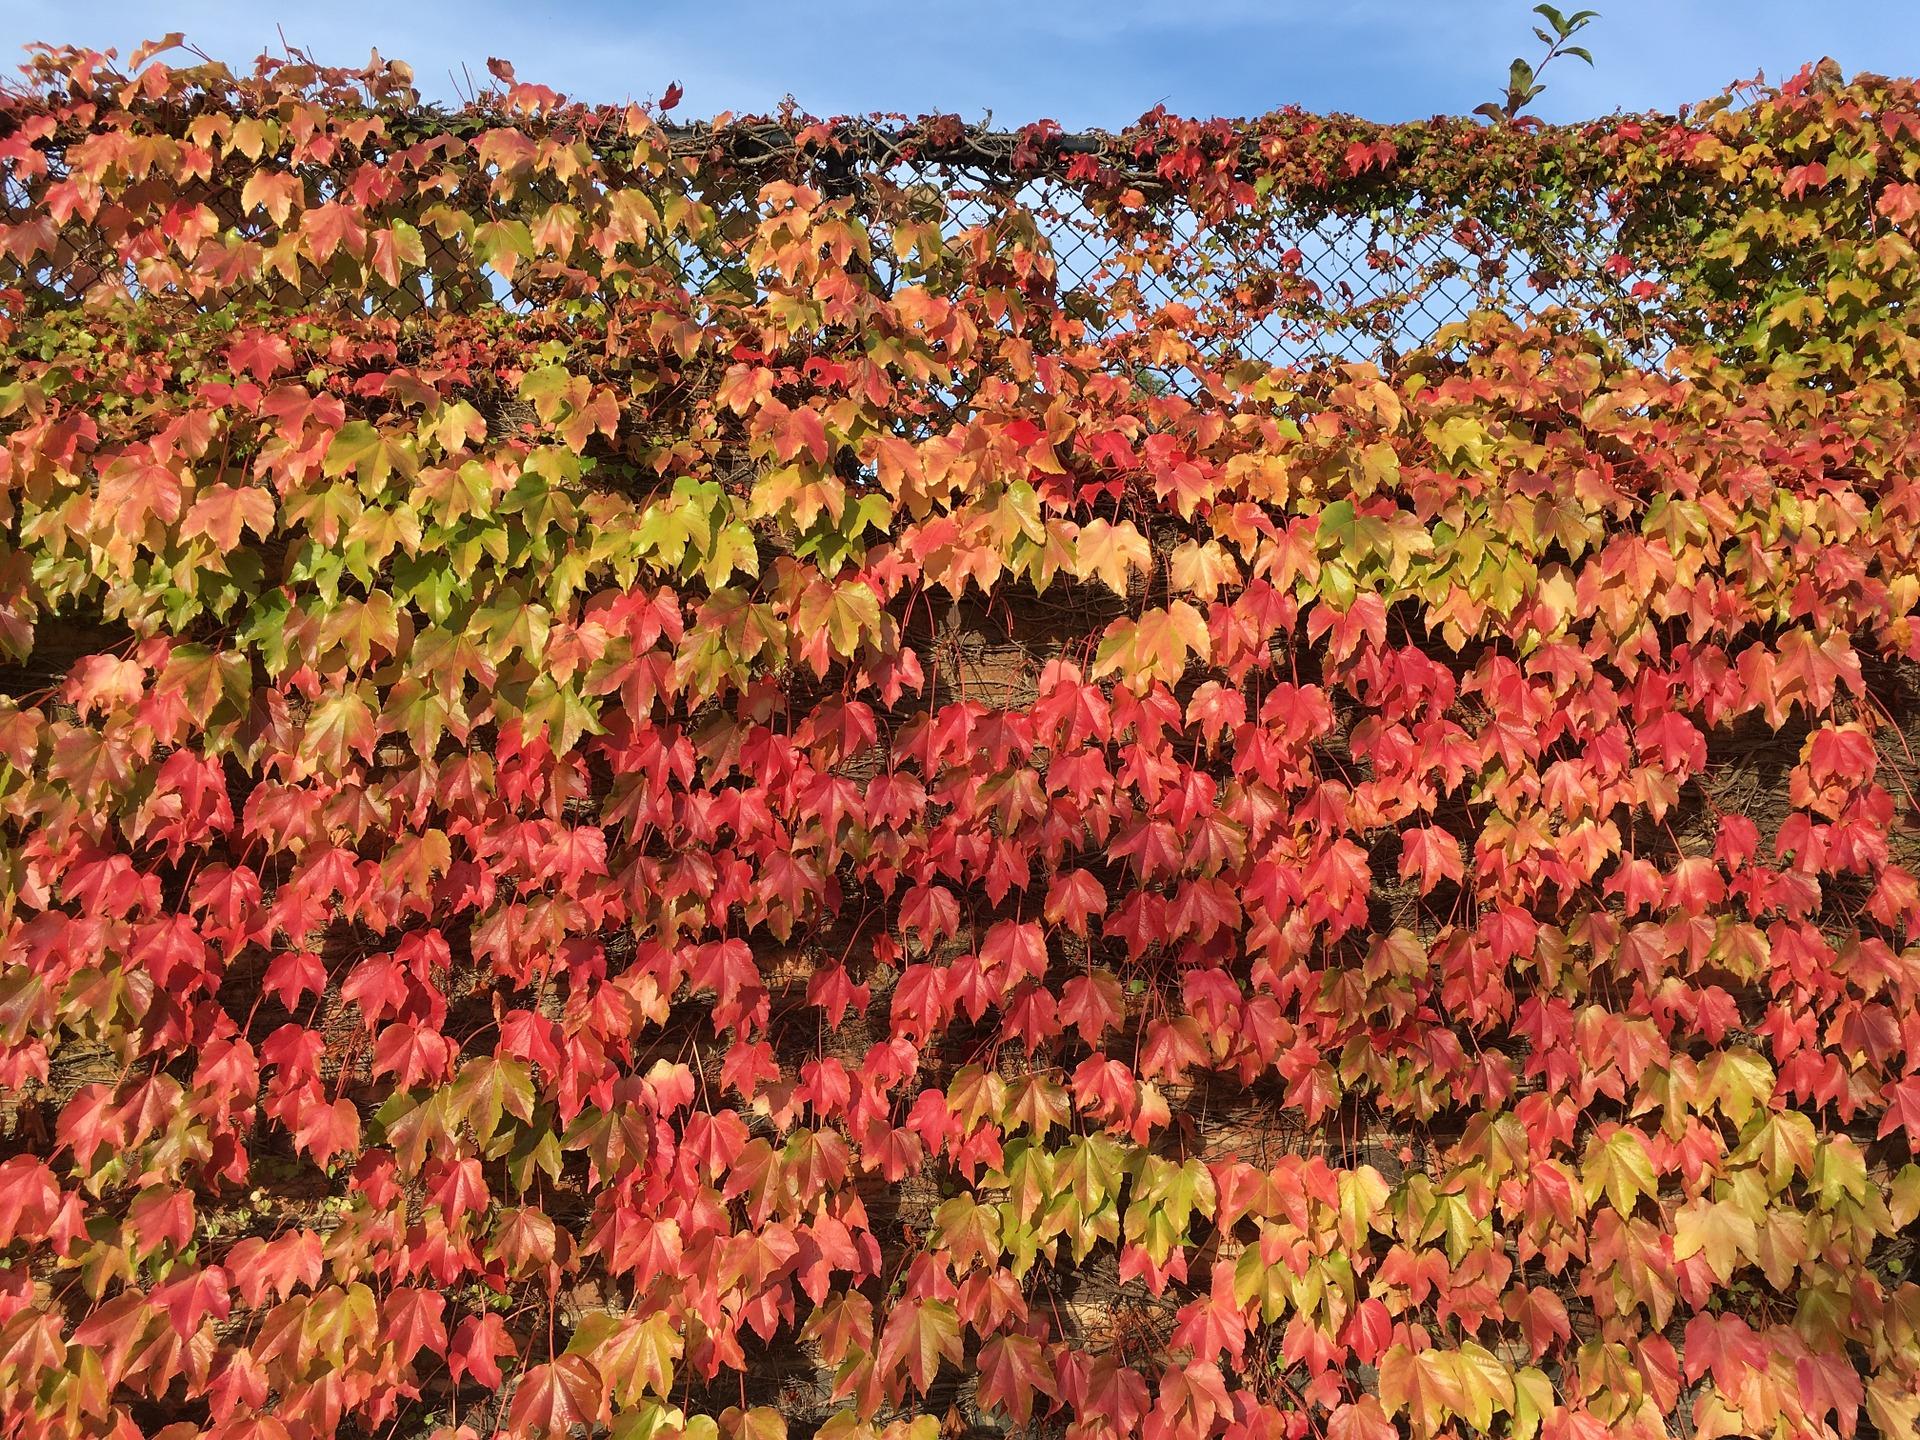 Autumn Leaves, Autumn, Dry, Fall, Fallen, HQ Photo